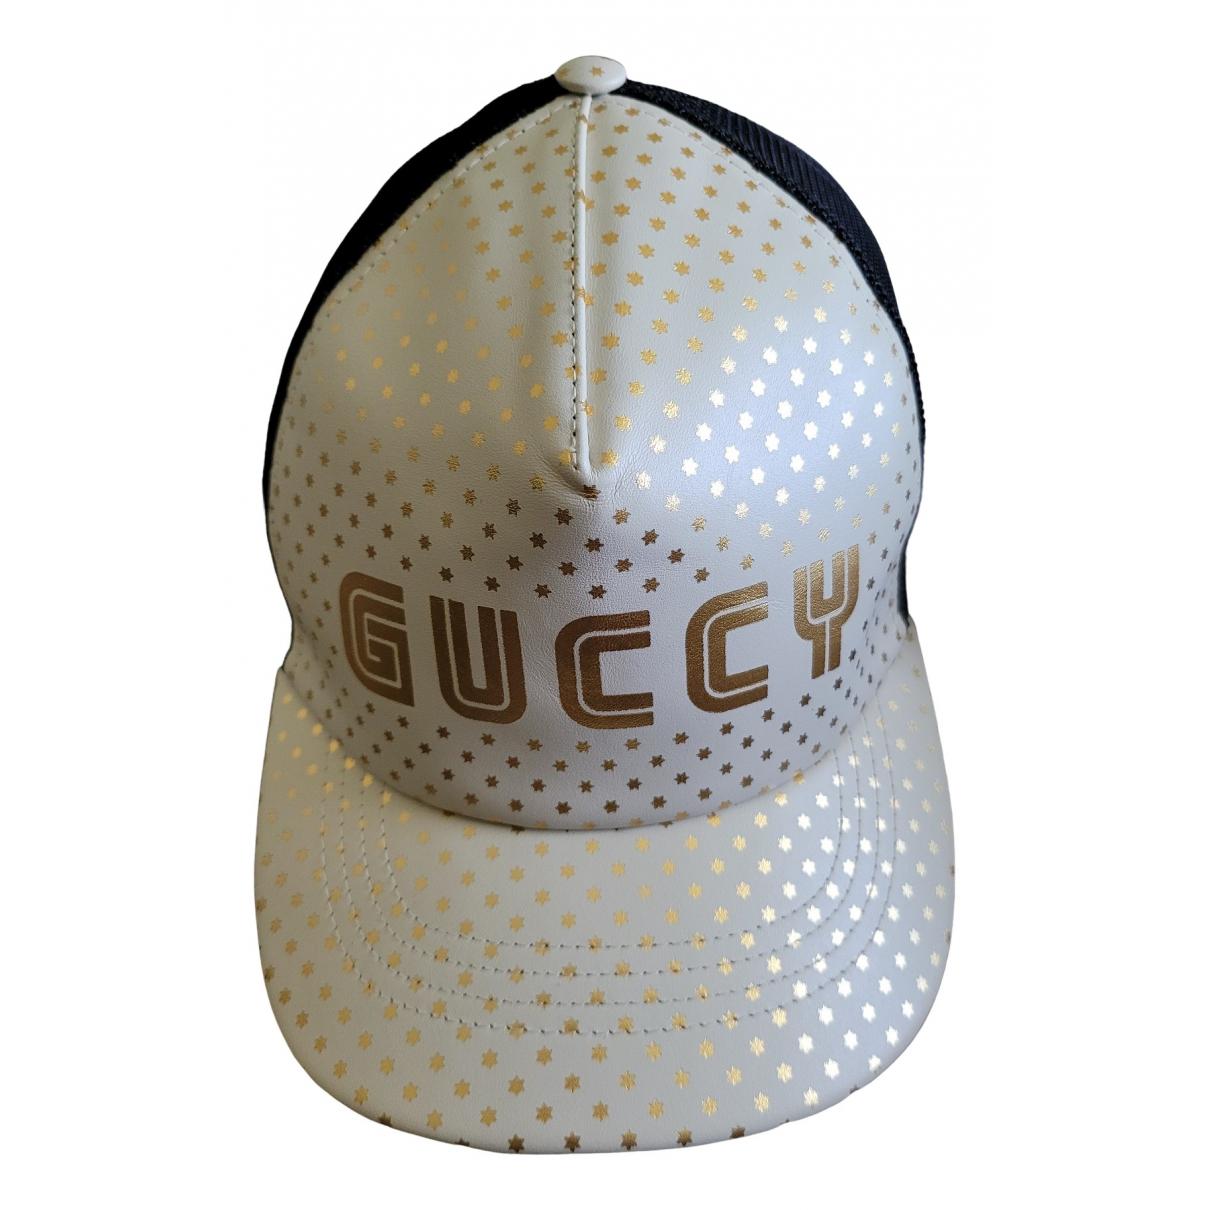 Gucci \N Hut, Muetzen in  Weiss Lackleder